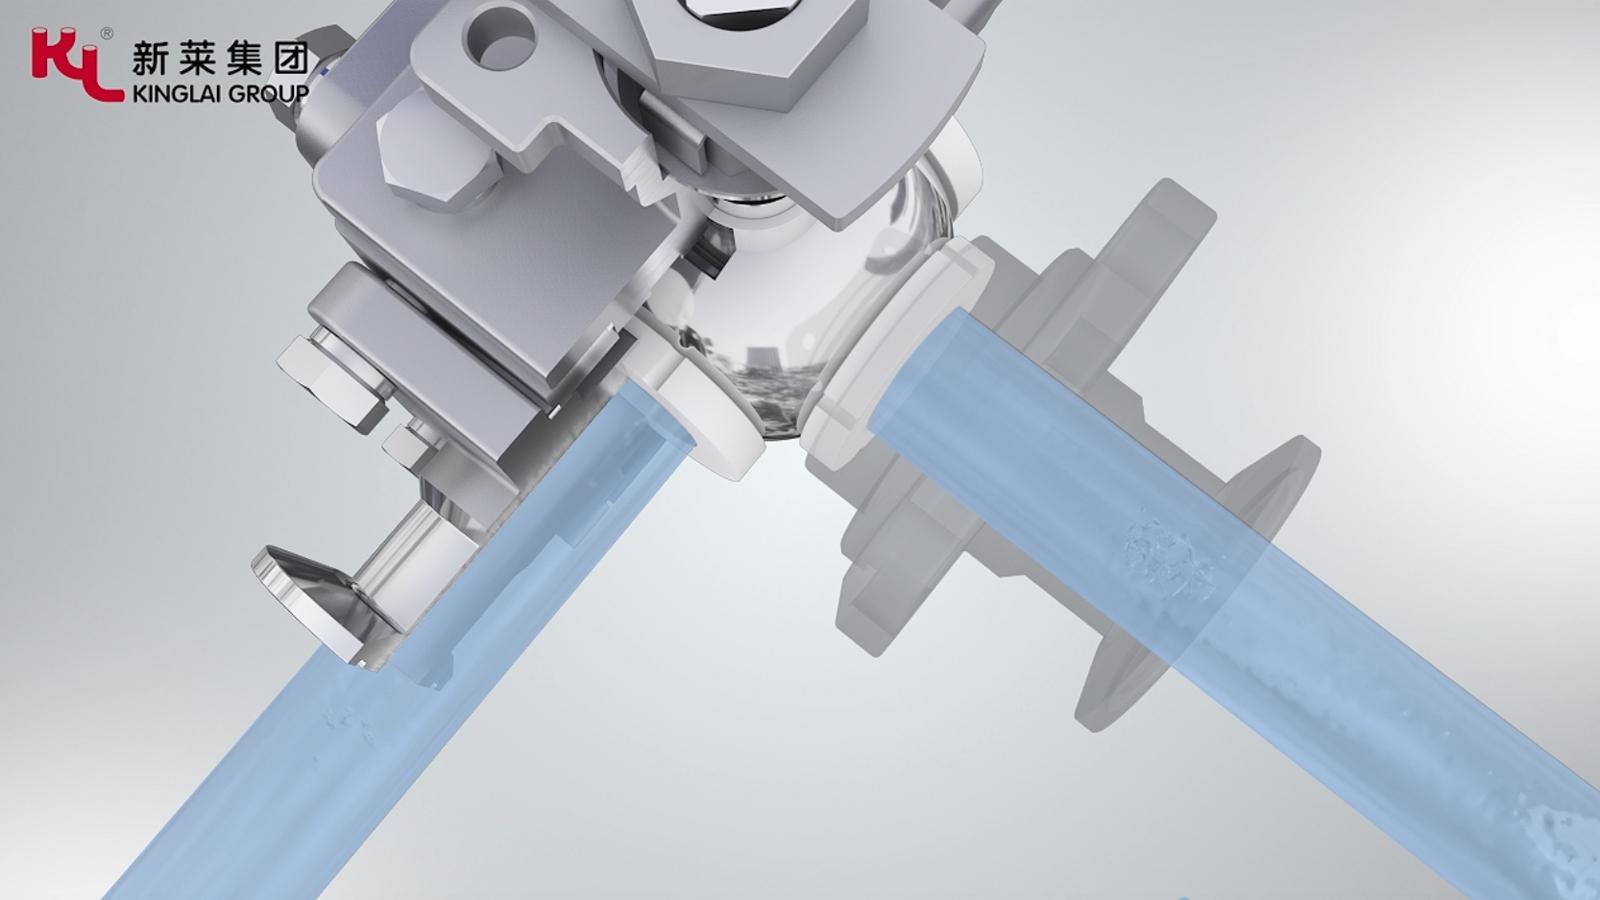 新莱集团:卫生级球阀3D动画展示